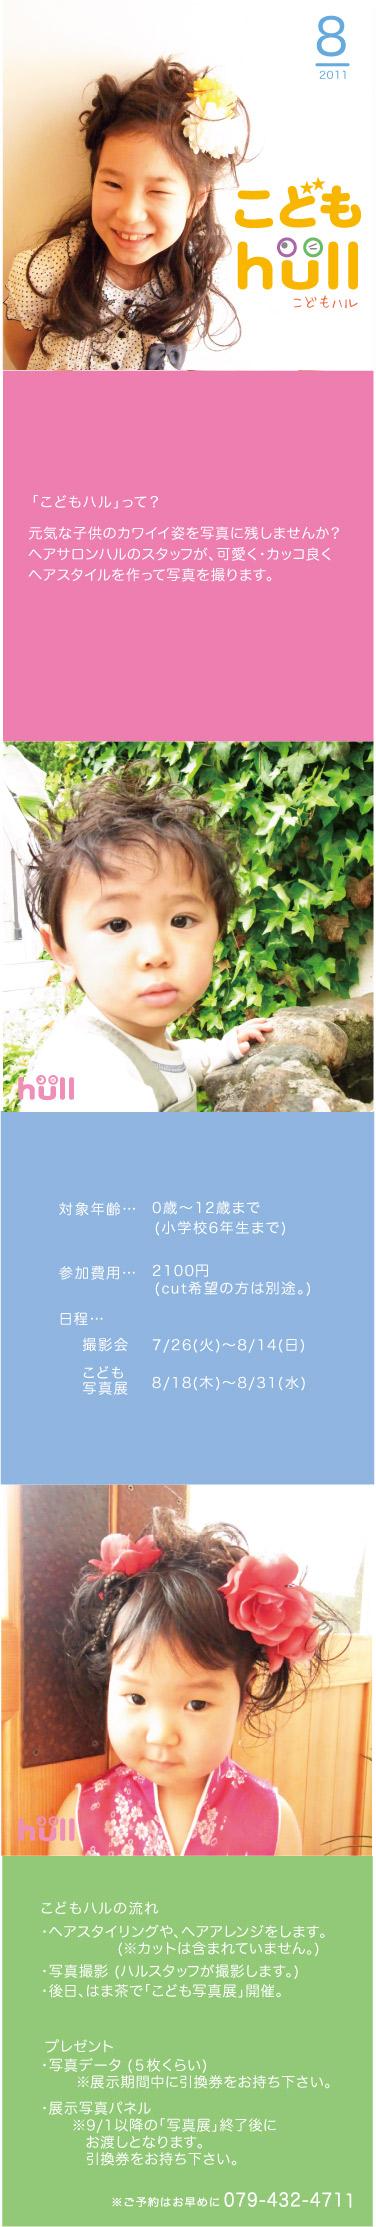 こどもhull-2011.8縦長web